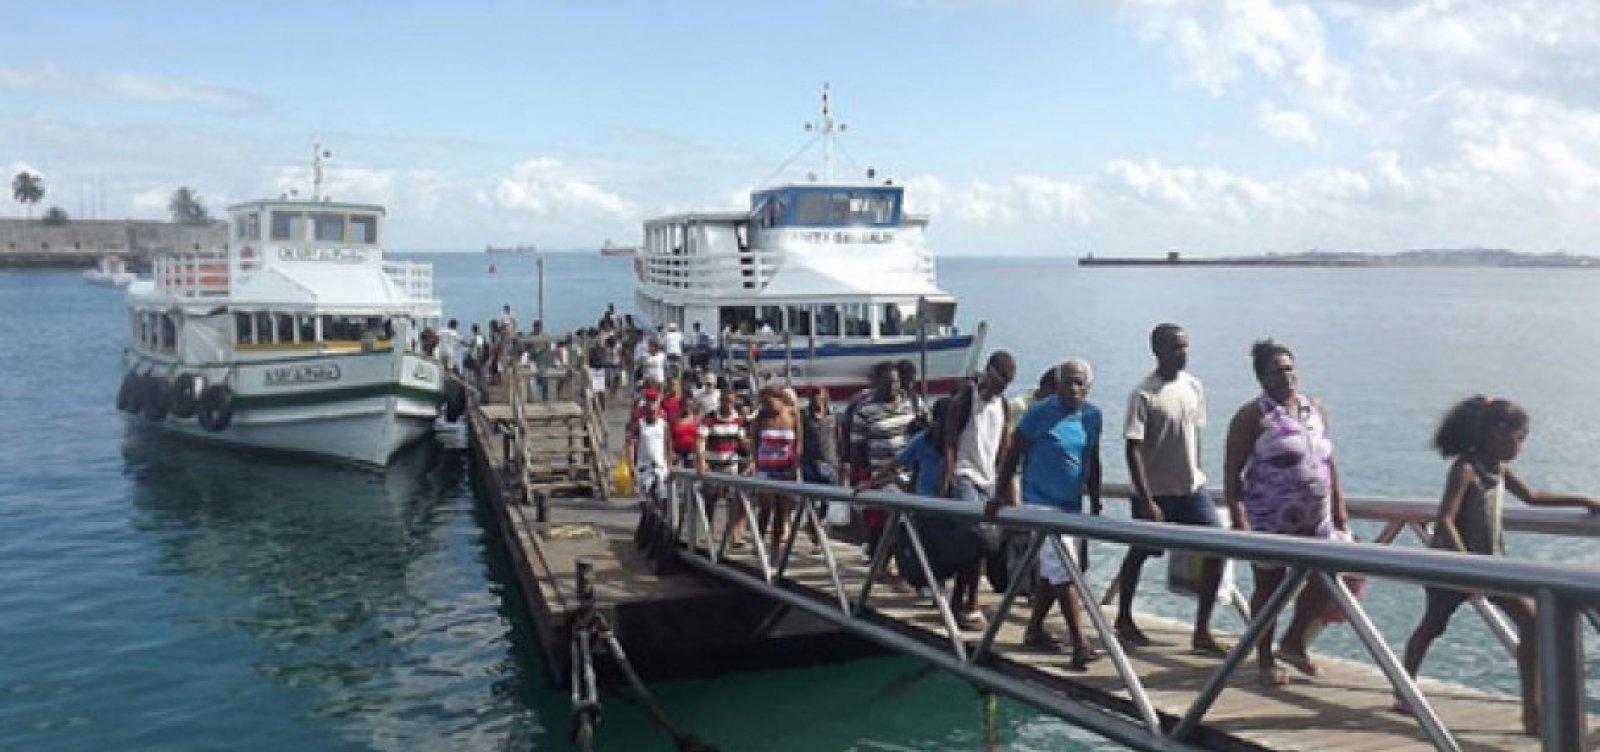 [Travessia Salvador-Mar Grande é retomada após três dias de suspensão]